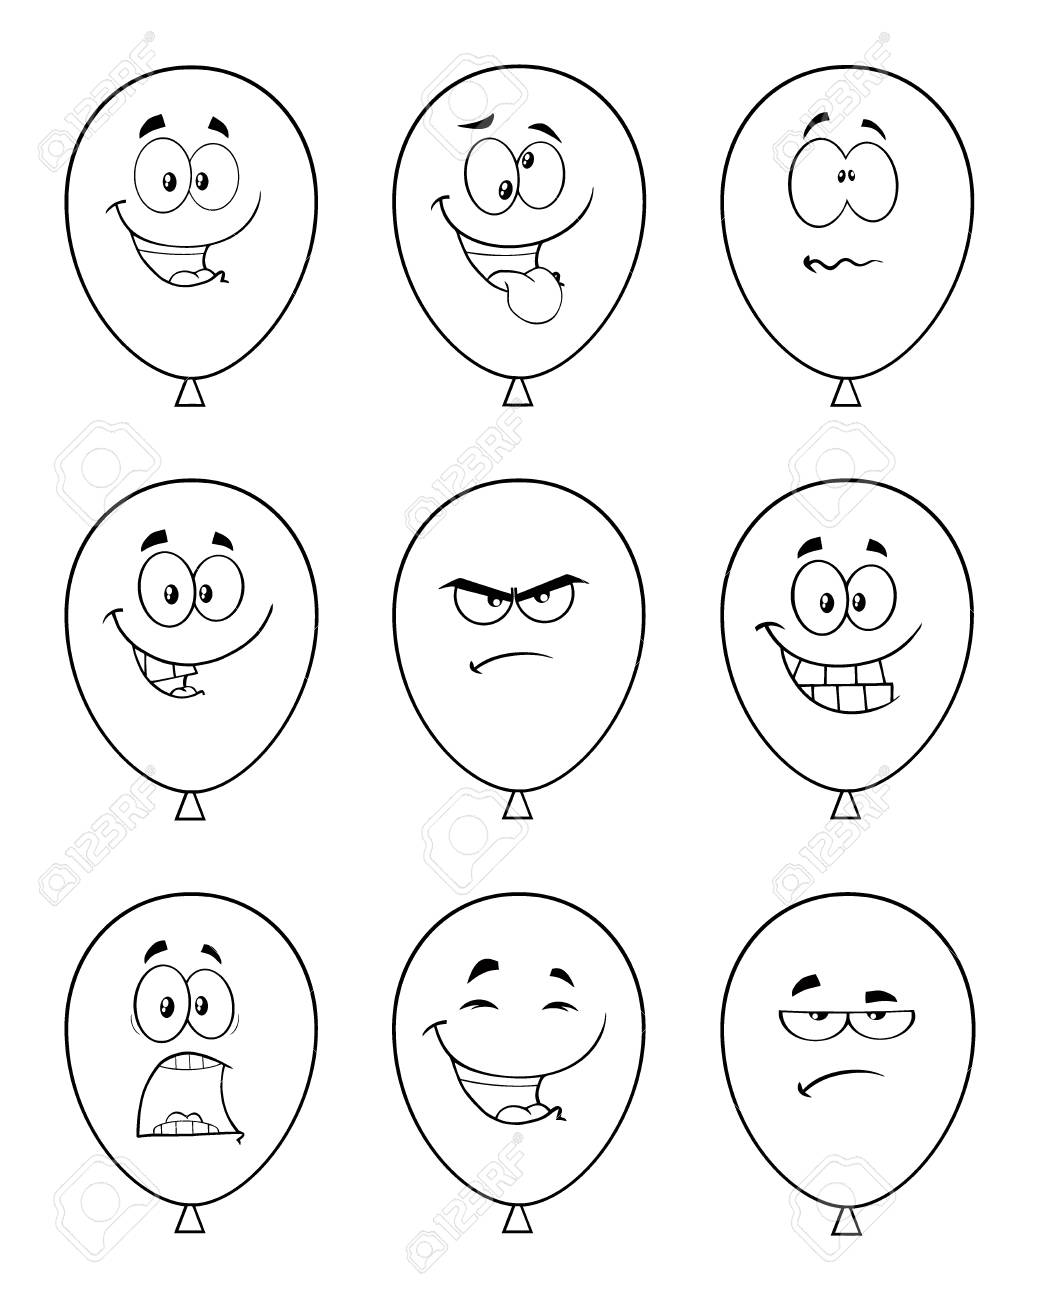 Globos Blanco Y Negro Personaje De Mascota De Dibujos Animados Con Expresiones Colección Conjunto Aislado Sobre Fondo Blanco